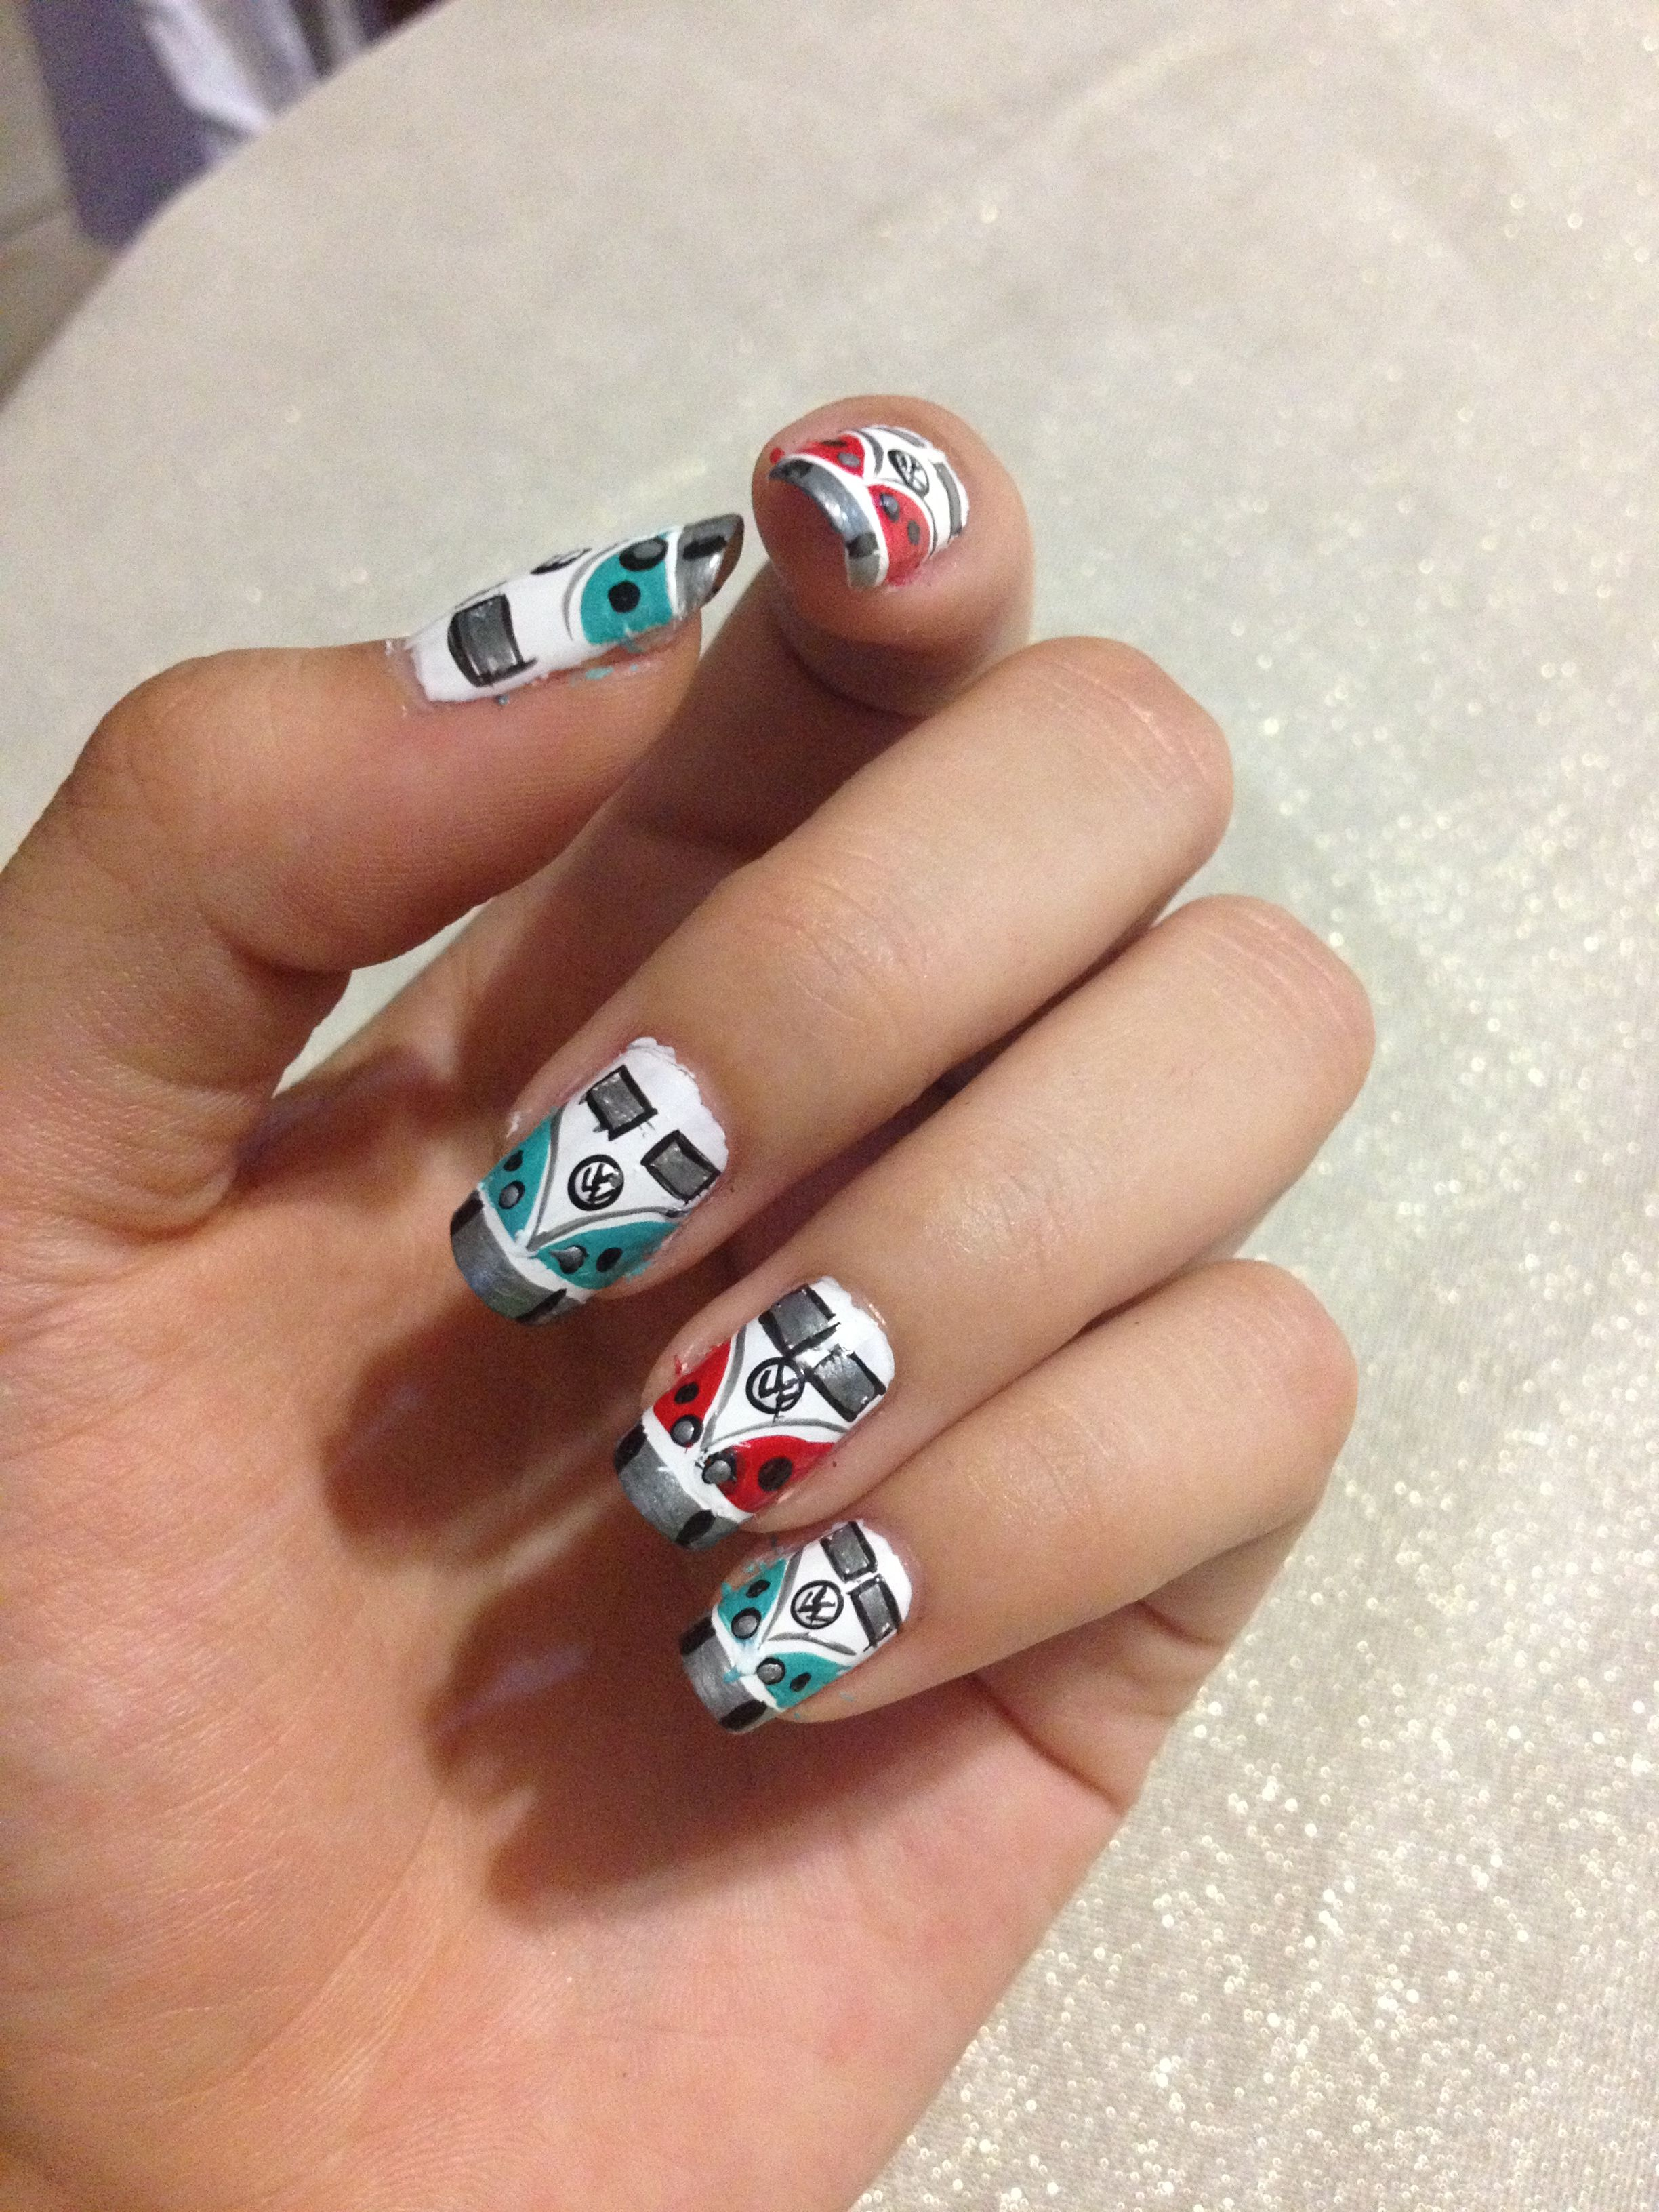 VW Combi Nails - Nails <3 | Pinterest - Knutselen